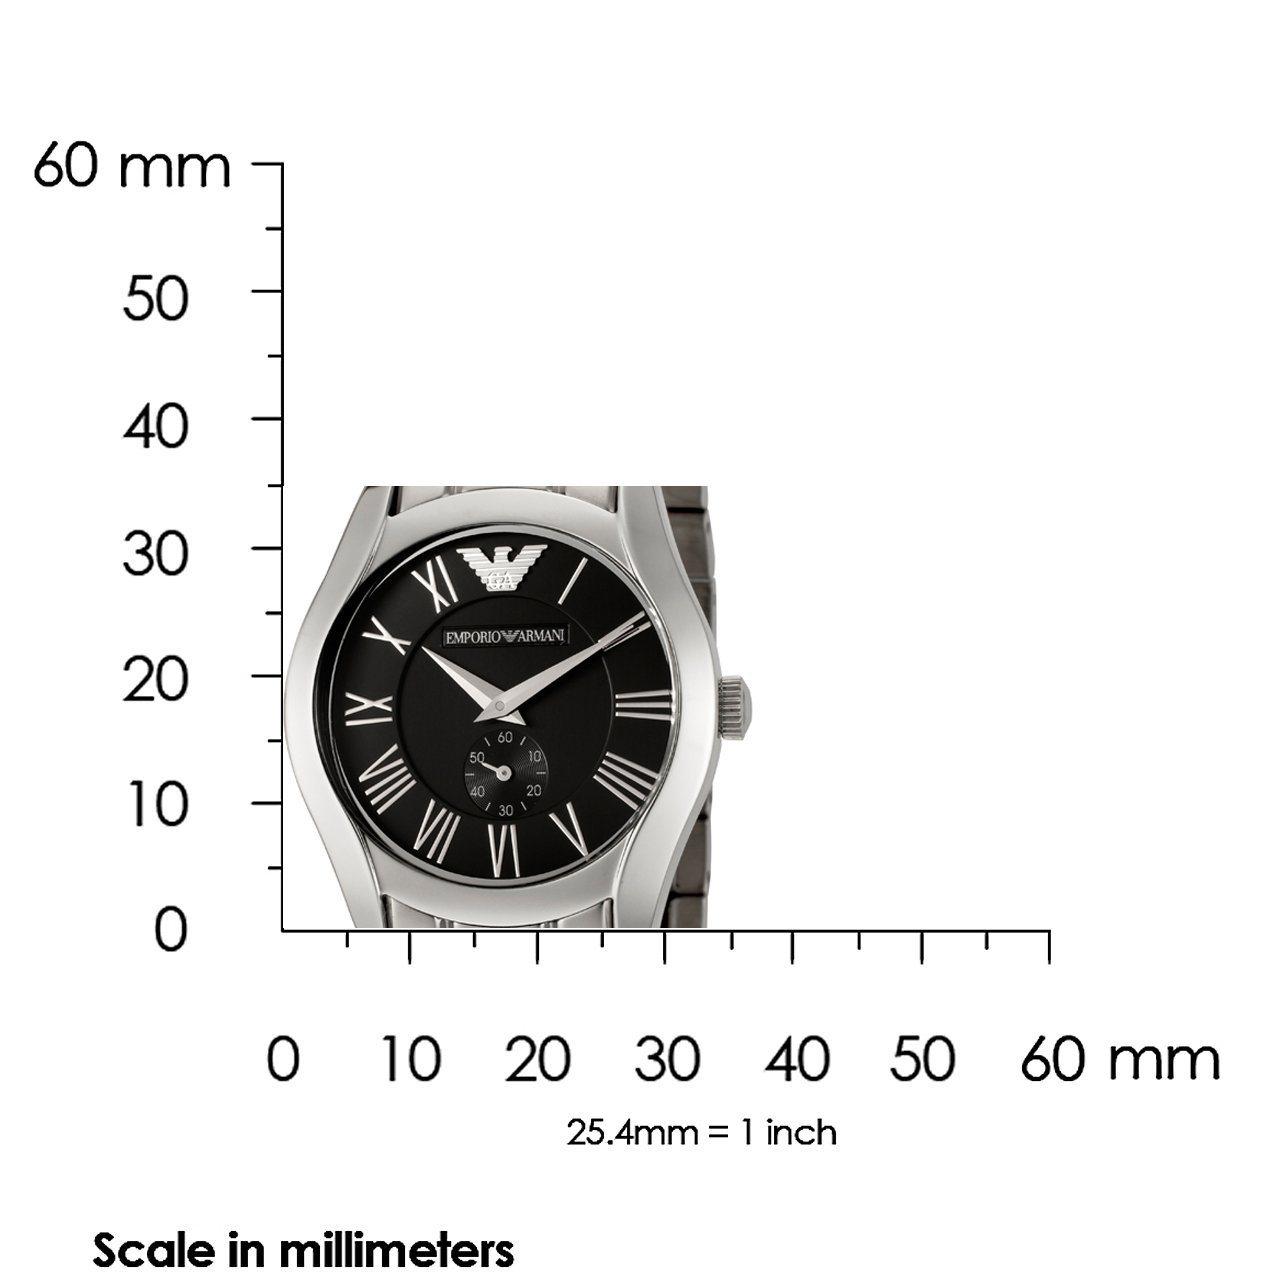 Đồng hồ Armani nữ AR0681 mặt chống xước kích thước chuẩn